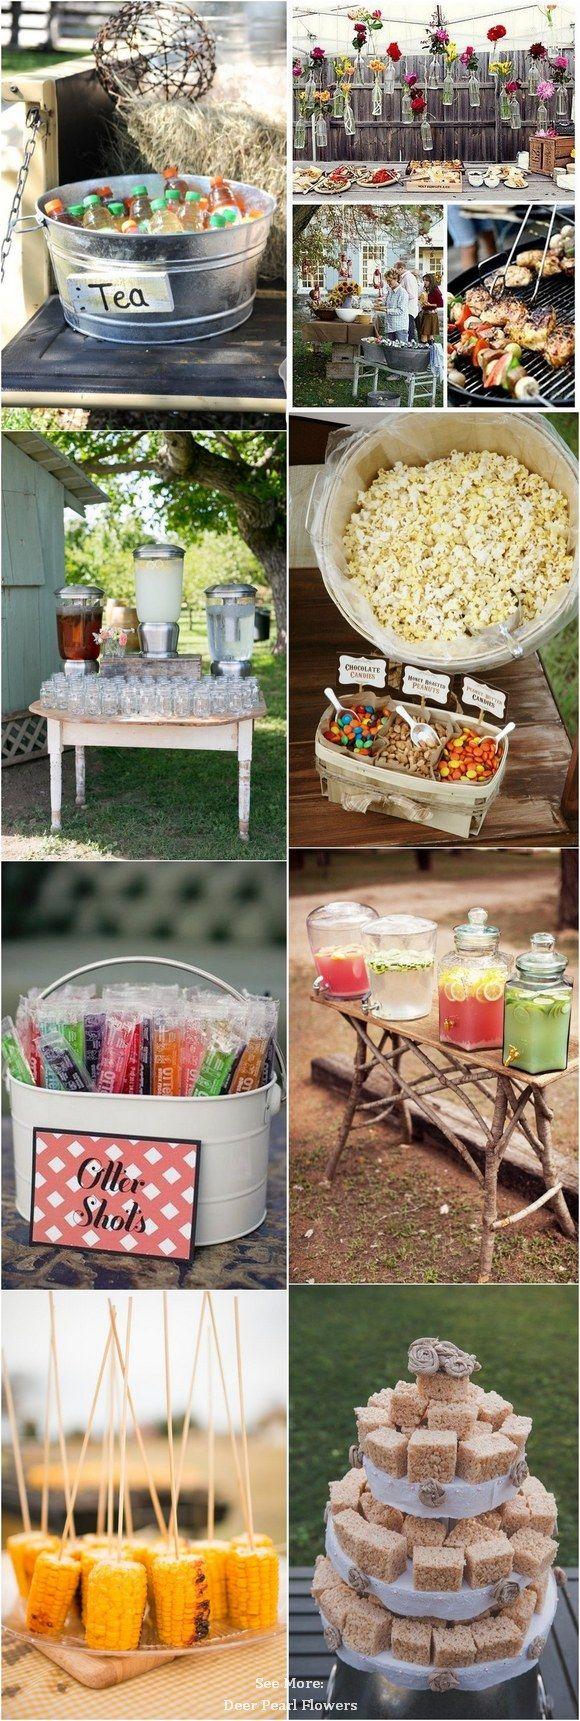 Top 25 Rustic Barbecue Bbq Wedding Ideas Http Www Deerpearlflowers